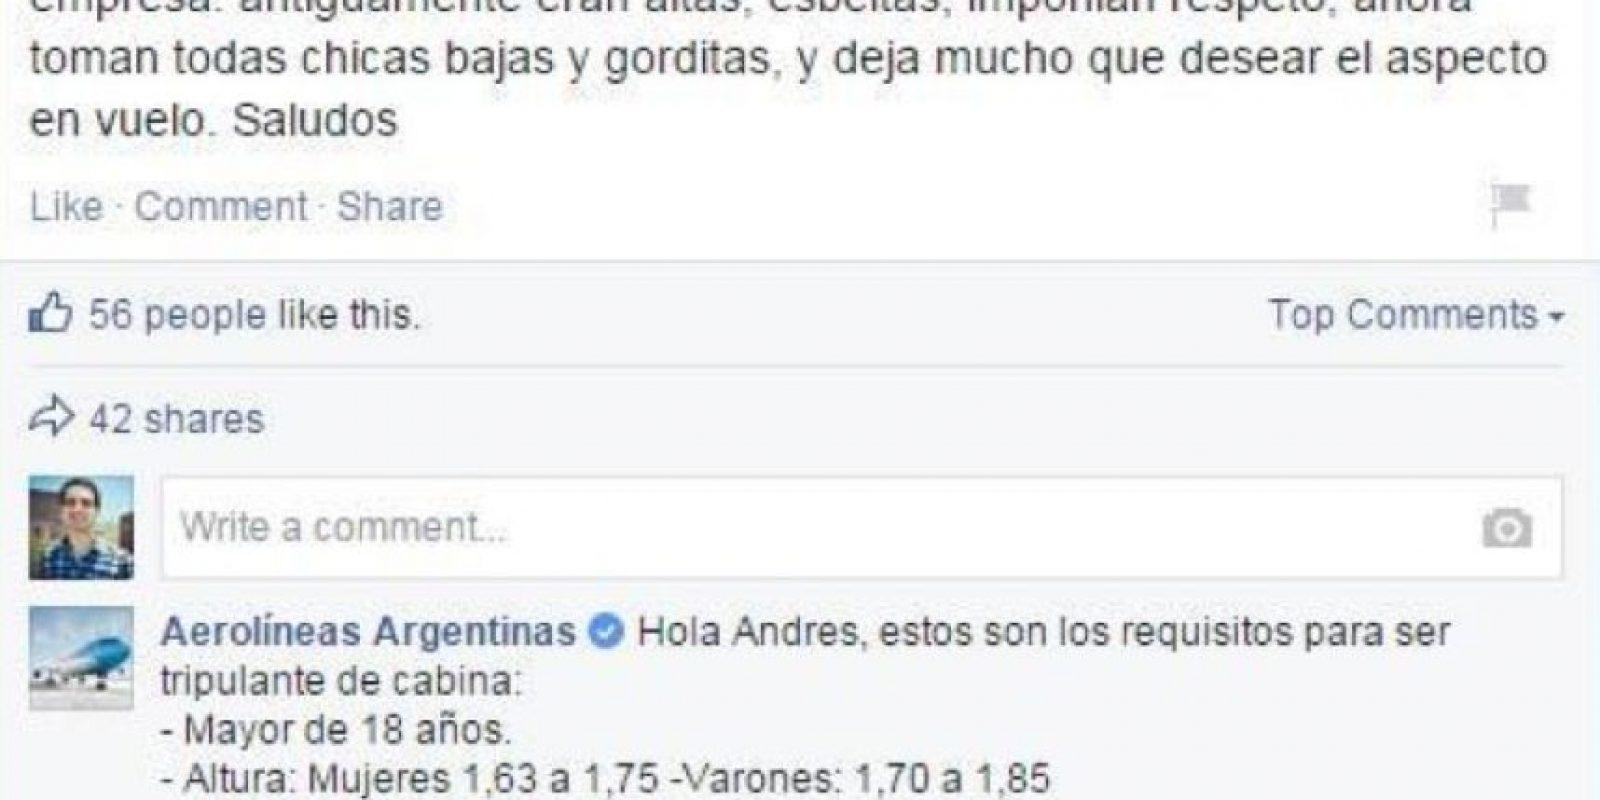 Esta genial respuesta del CM de Aerolíneas Argentinas también fue viral en su momento. Foto:Casos de Éxito de community managers